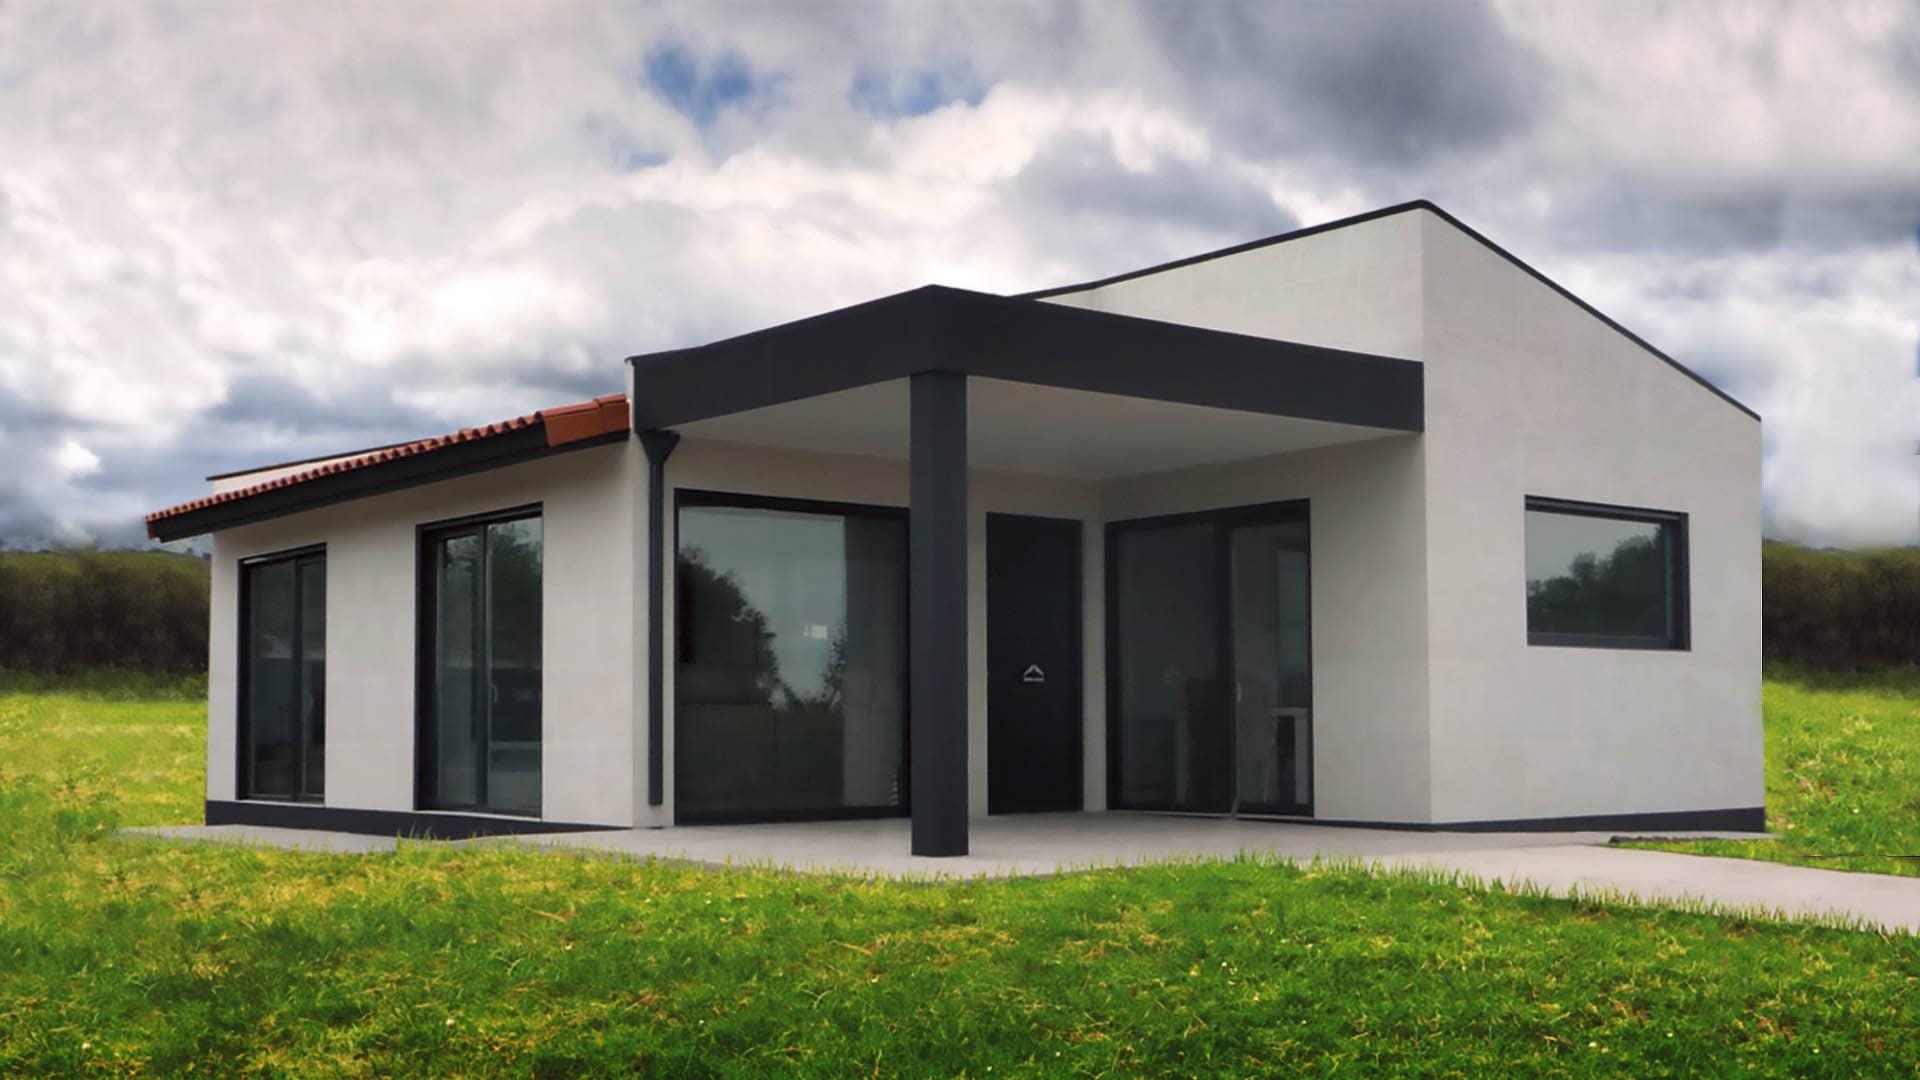 Casas prefabricadas y casas modulares cofitor for Catalogo casas prefabricadas